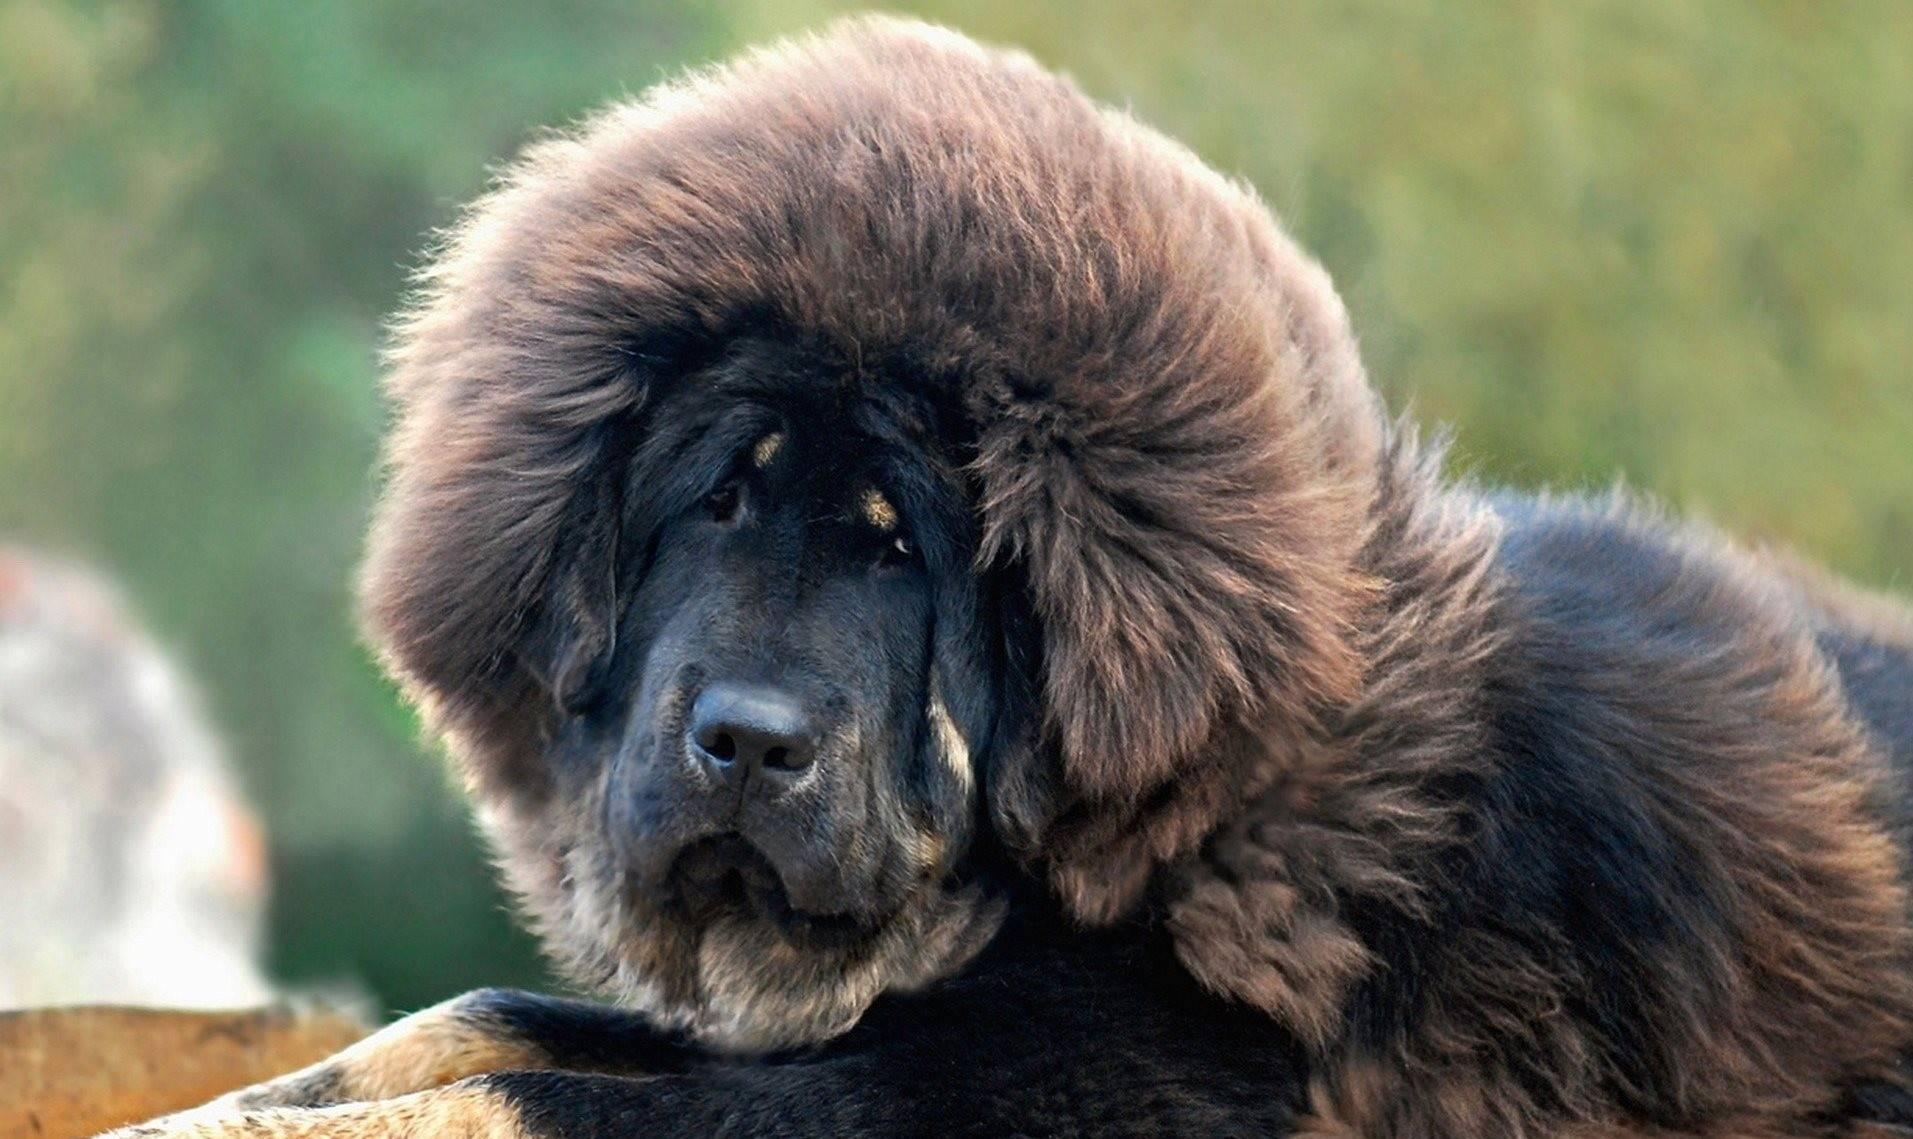 Английский мастиф описание породы собак, характеристики, внешний вид, история